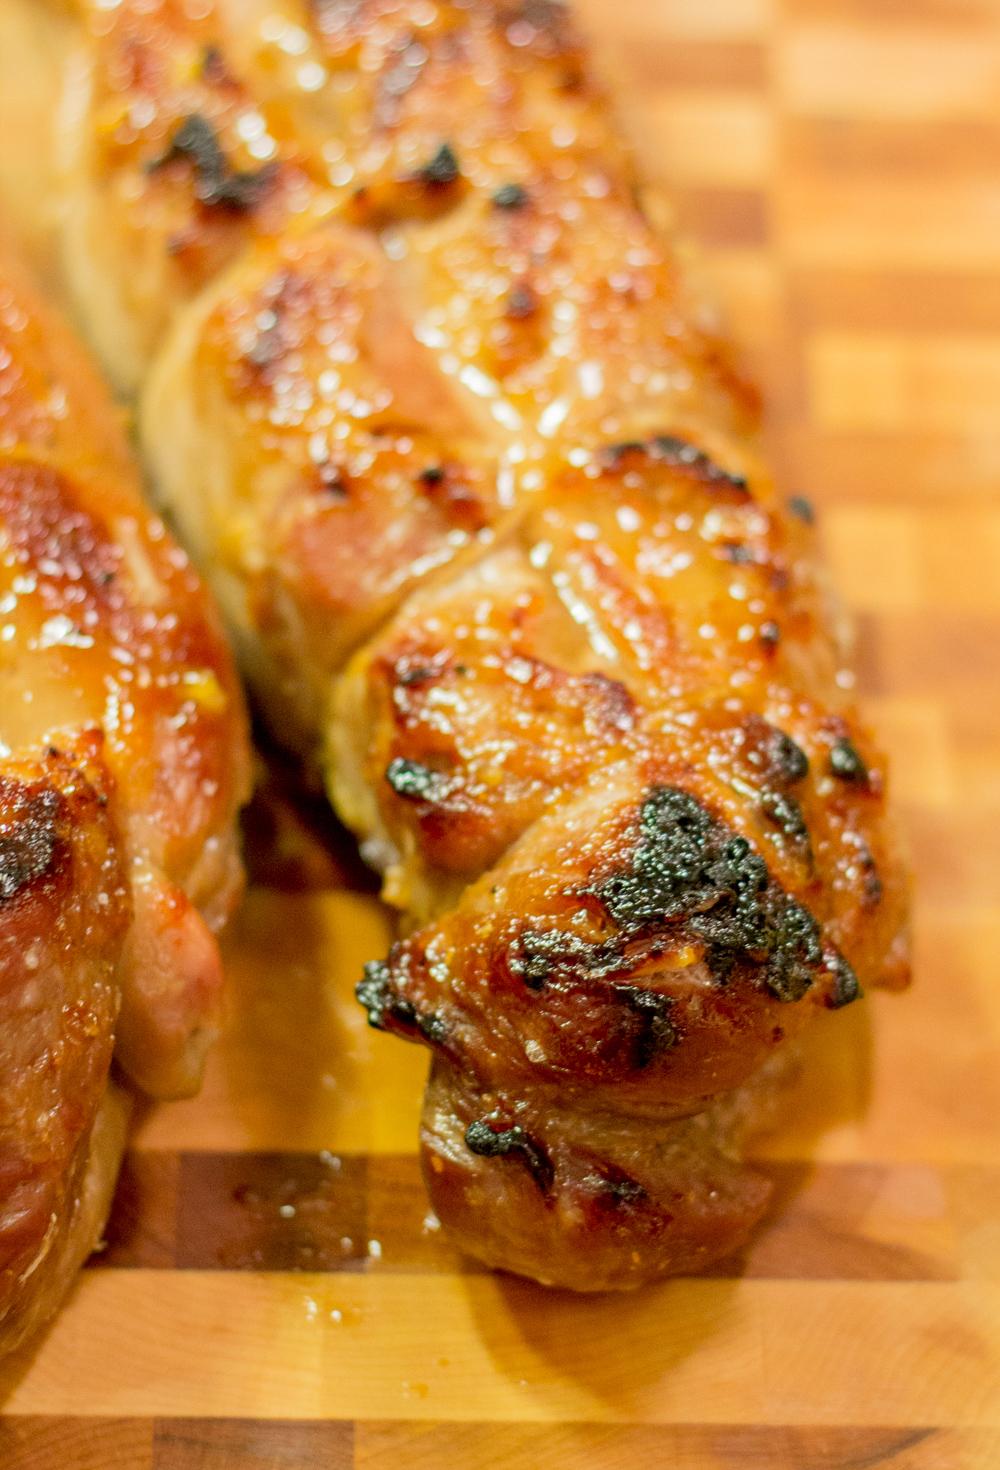 Maple, Garlic, Ginger Glazed Pork Tenderloin